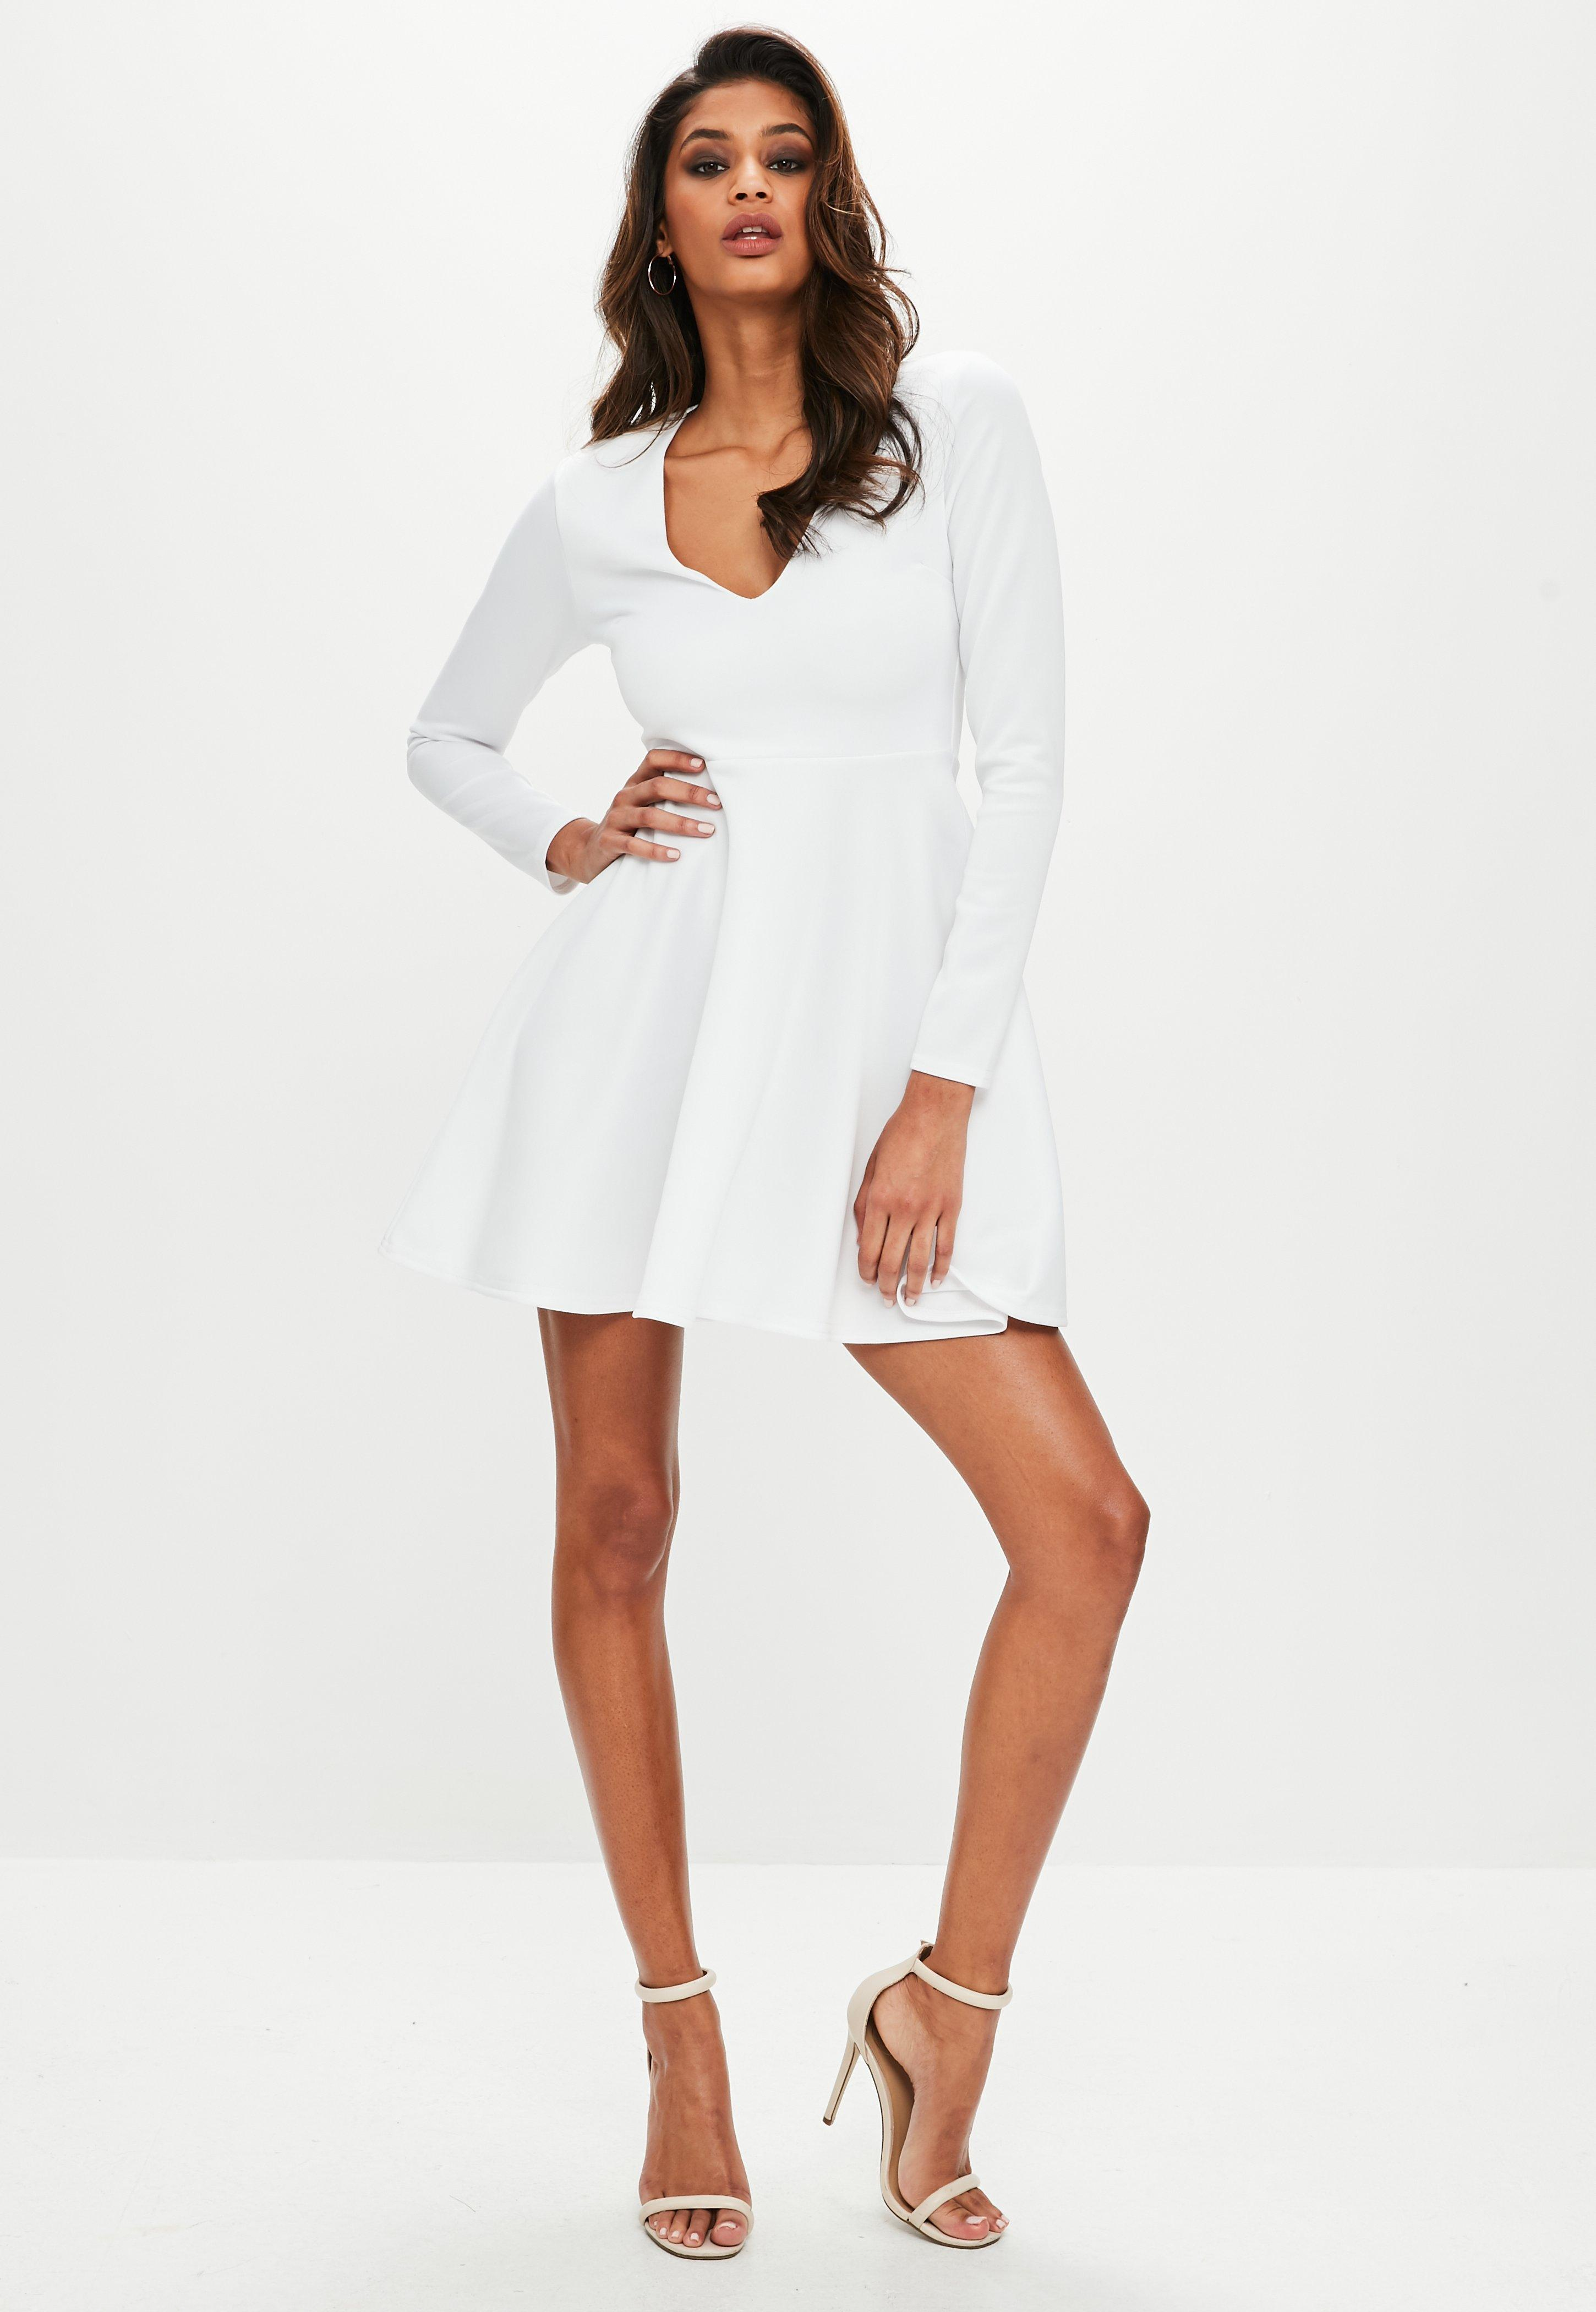 96d615c8b8f8 Lyst - Missguided White Scuba Plunge Long Sleeve Skater Dress in White